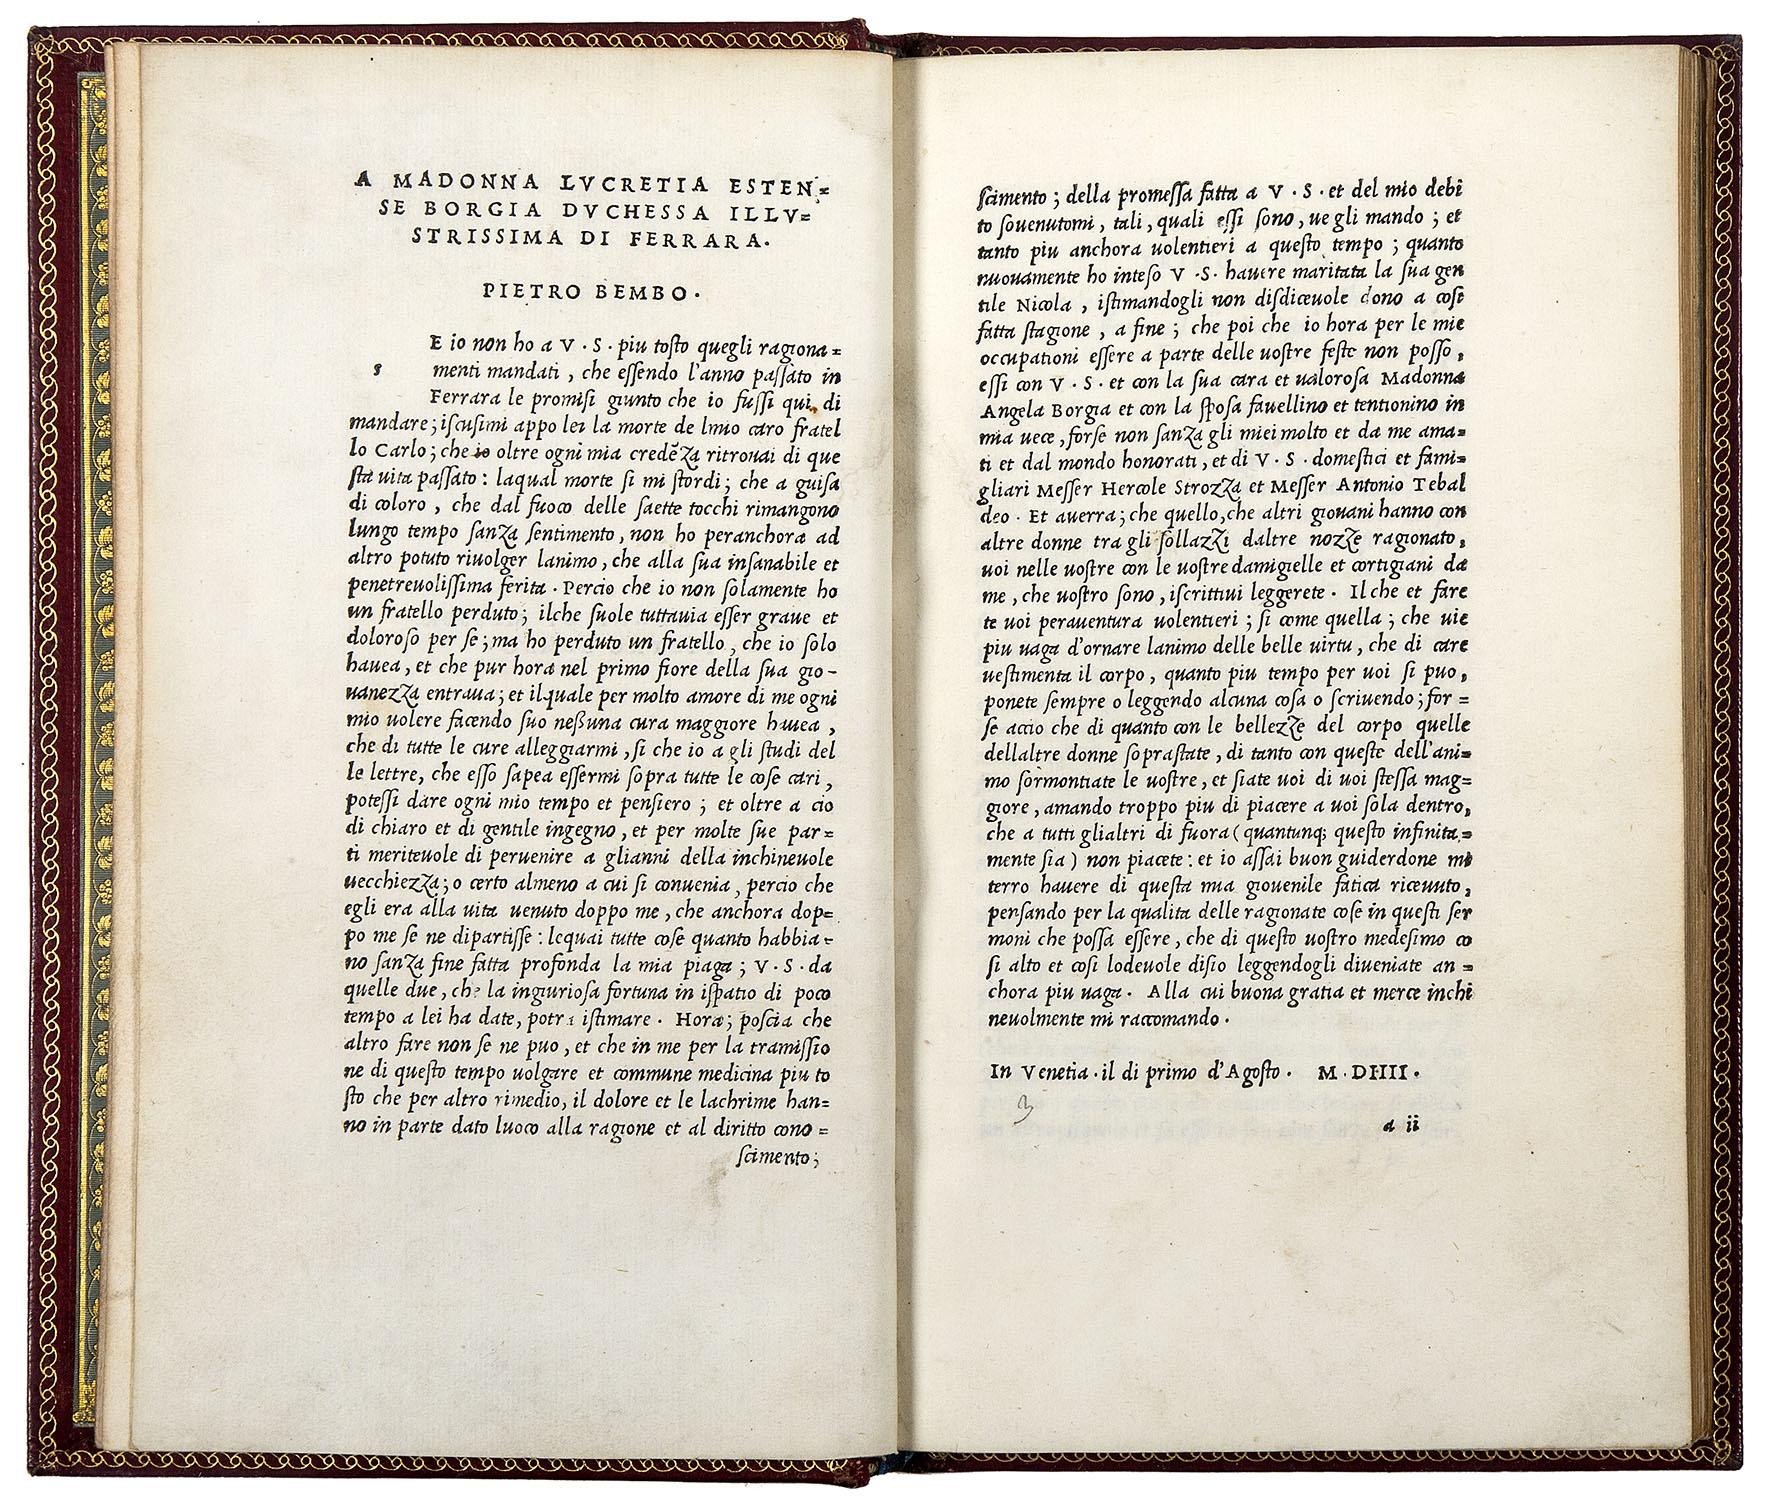 Bembo, Pietro (1470-1547).   Gli Asolani di Messer Pietro Bembo.  Venice, Aldo Manuzio, March 1505.